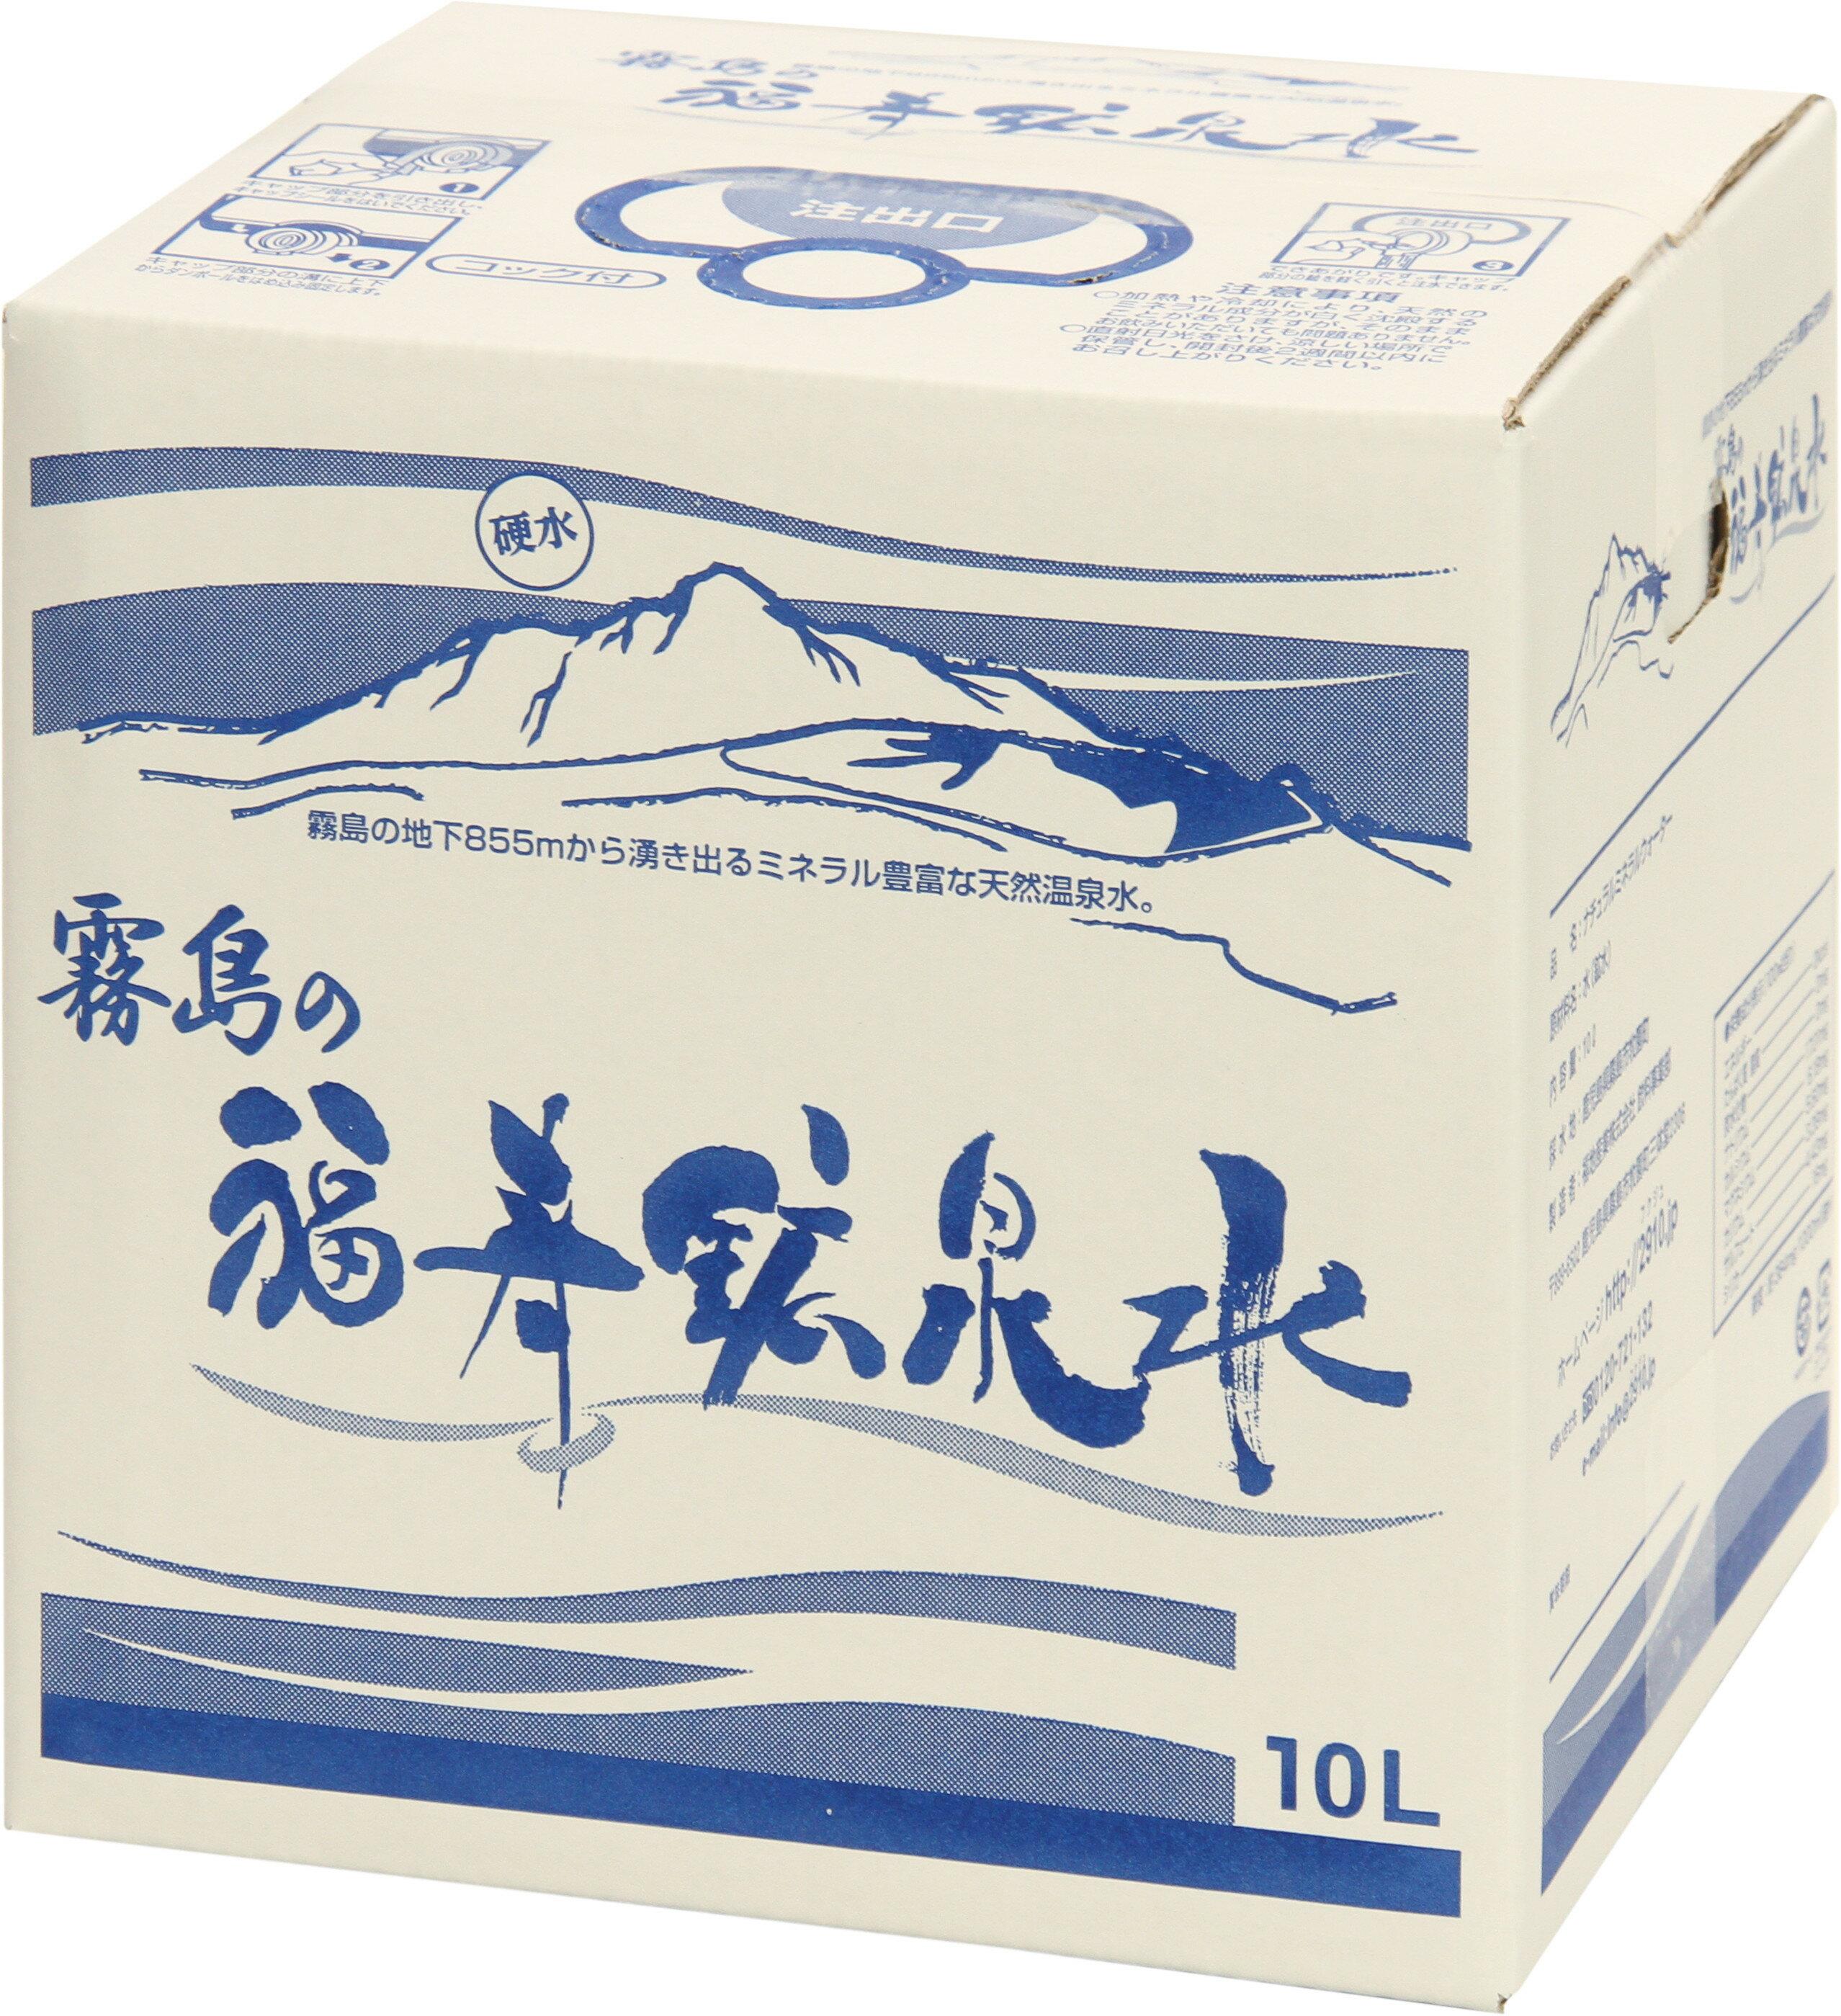 【送料無料】霧島の福寿鉱泉水 10Lバッグインボックス(BIB) 天然温泉水(硬水、シリカ水)